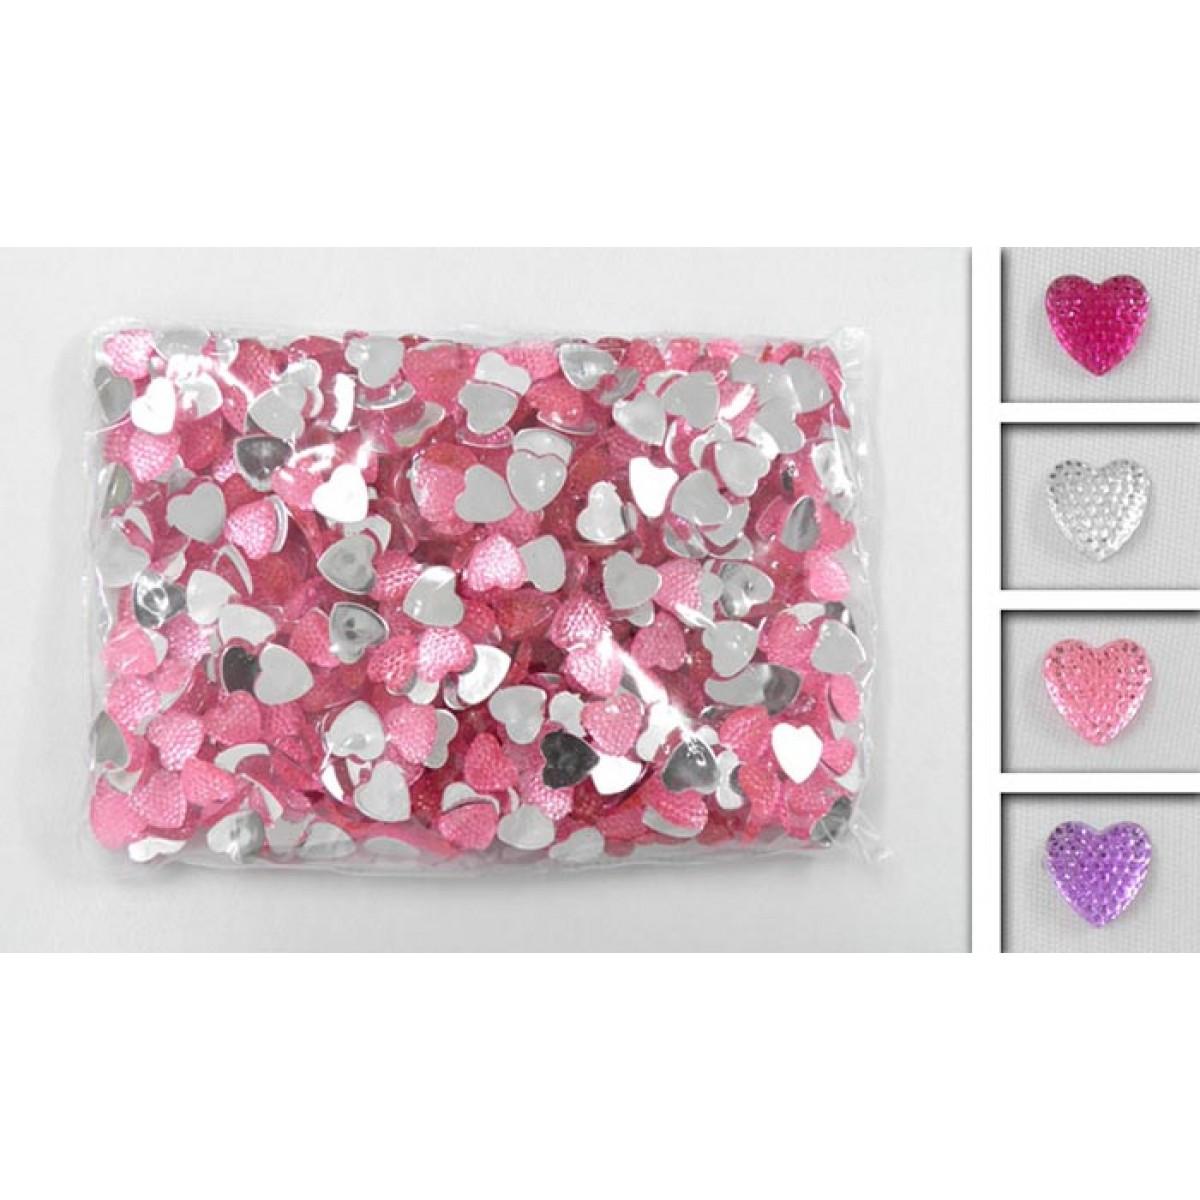 Ακρυλική Καρδιά (Μικρή) Υλικά Χειροτεχνίας